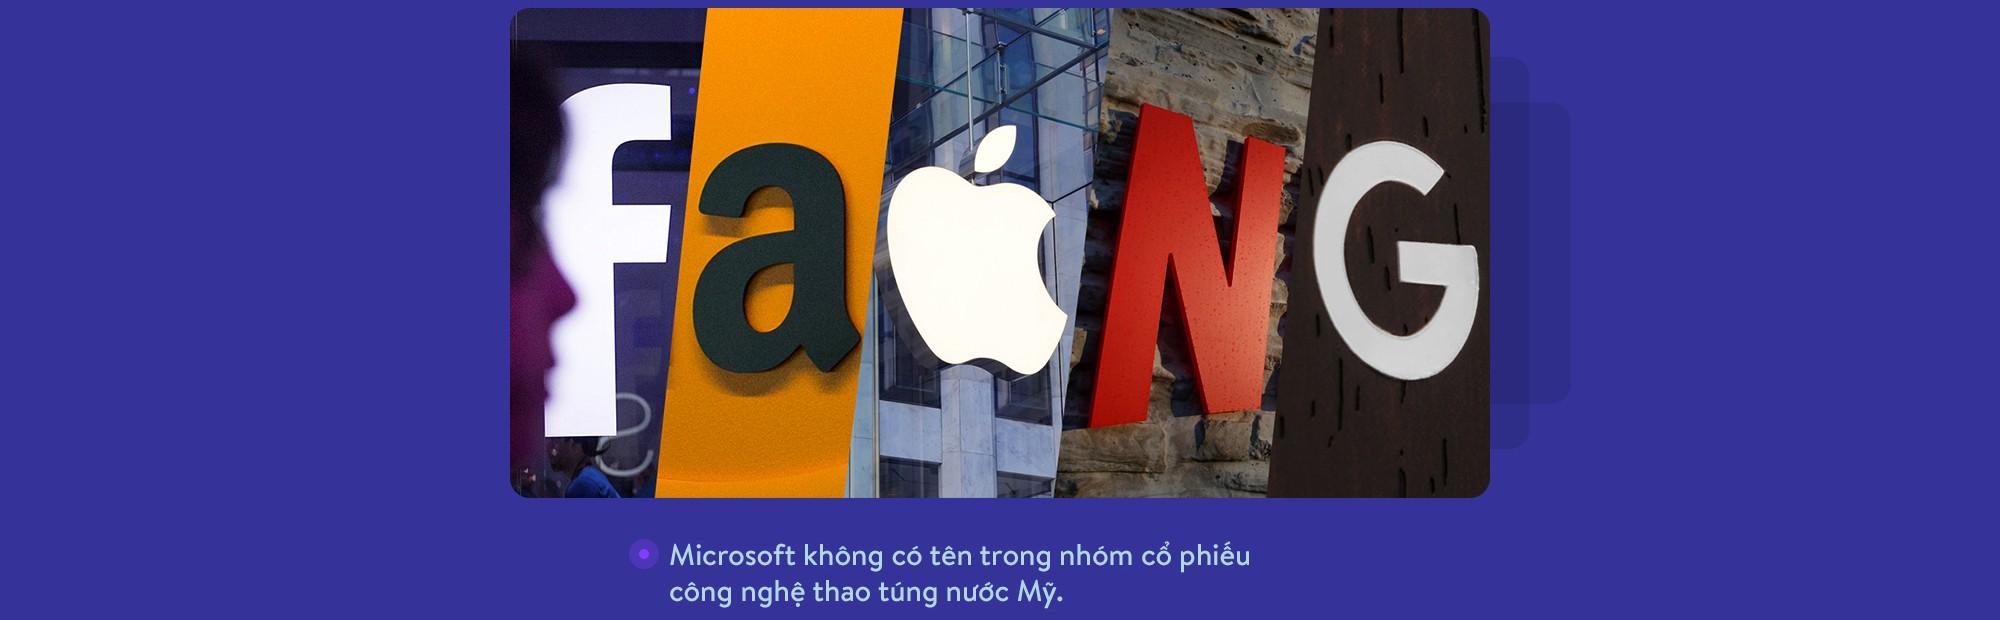 Microsoft: Rũ bỏ quá khứ bằng cách xây đường cho kẻ khác tiến vào tương lai - Ảnh 2.